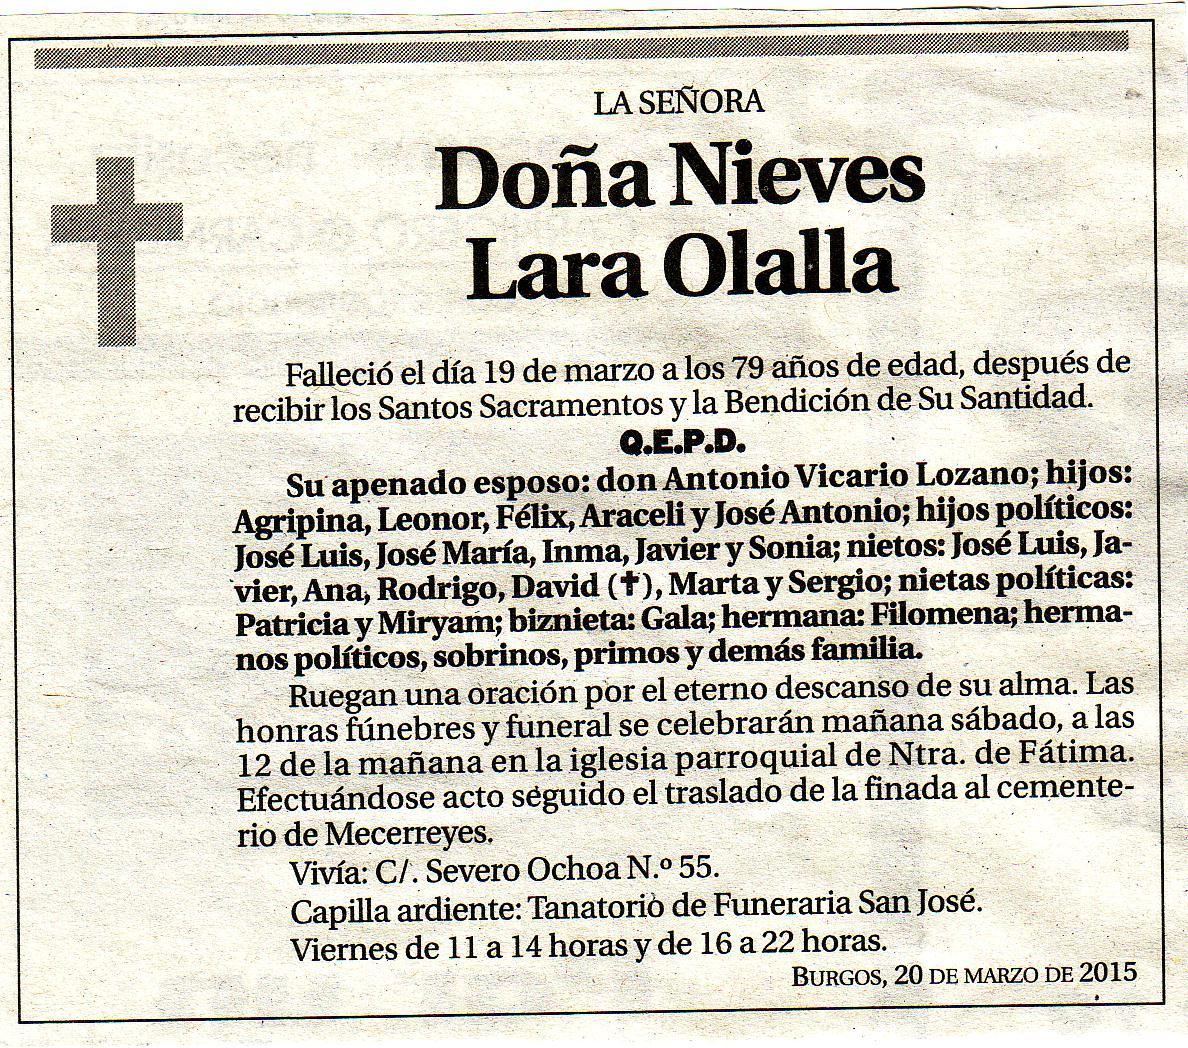 Esquela de Dª Nieves Lara Olalla. Falleció en Burgos a los 79 años